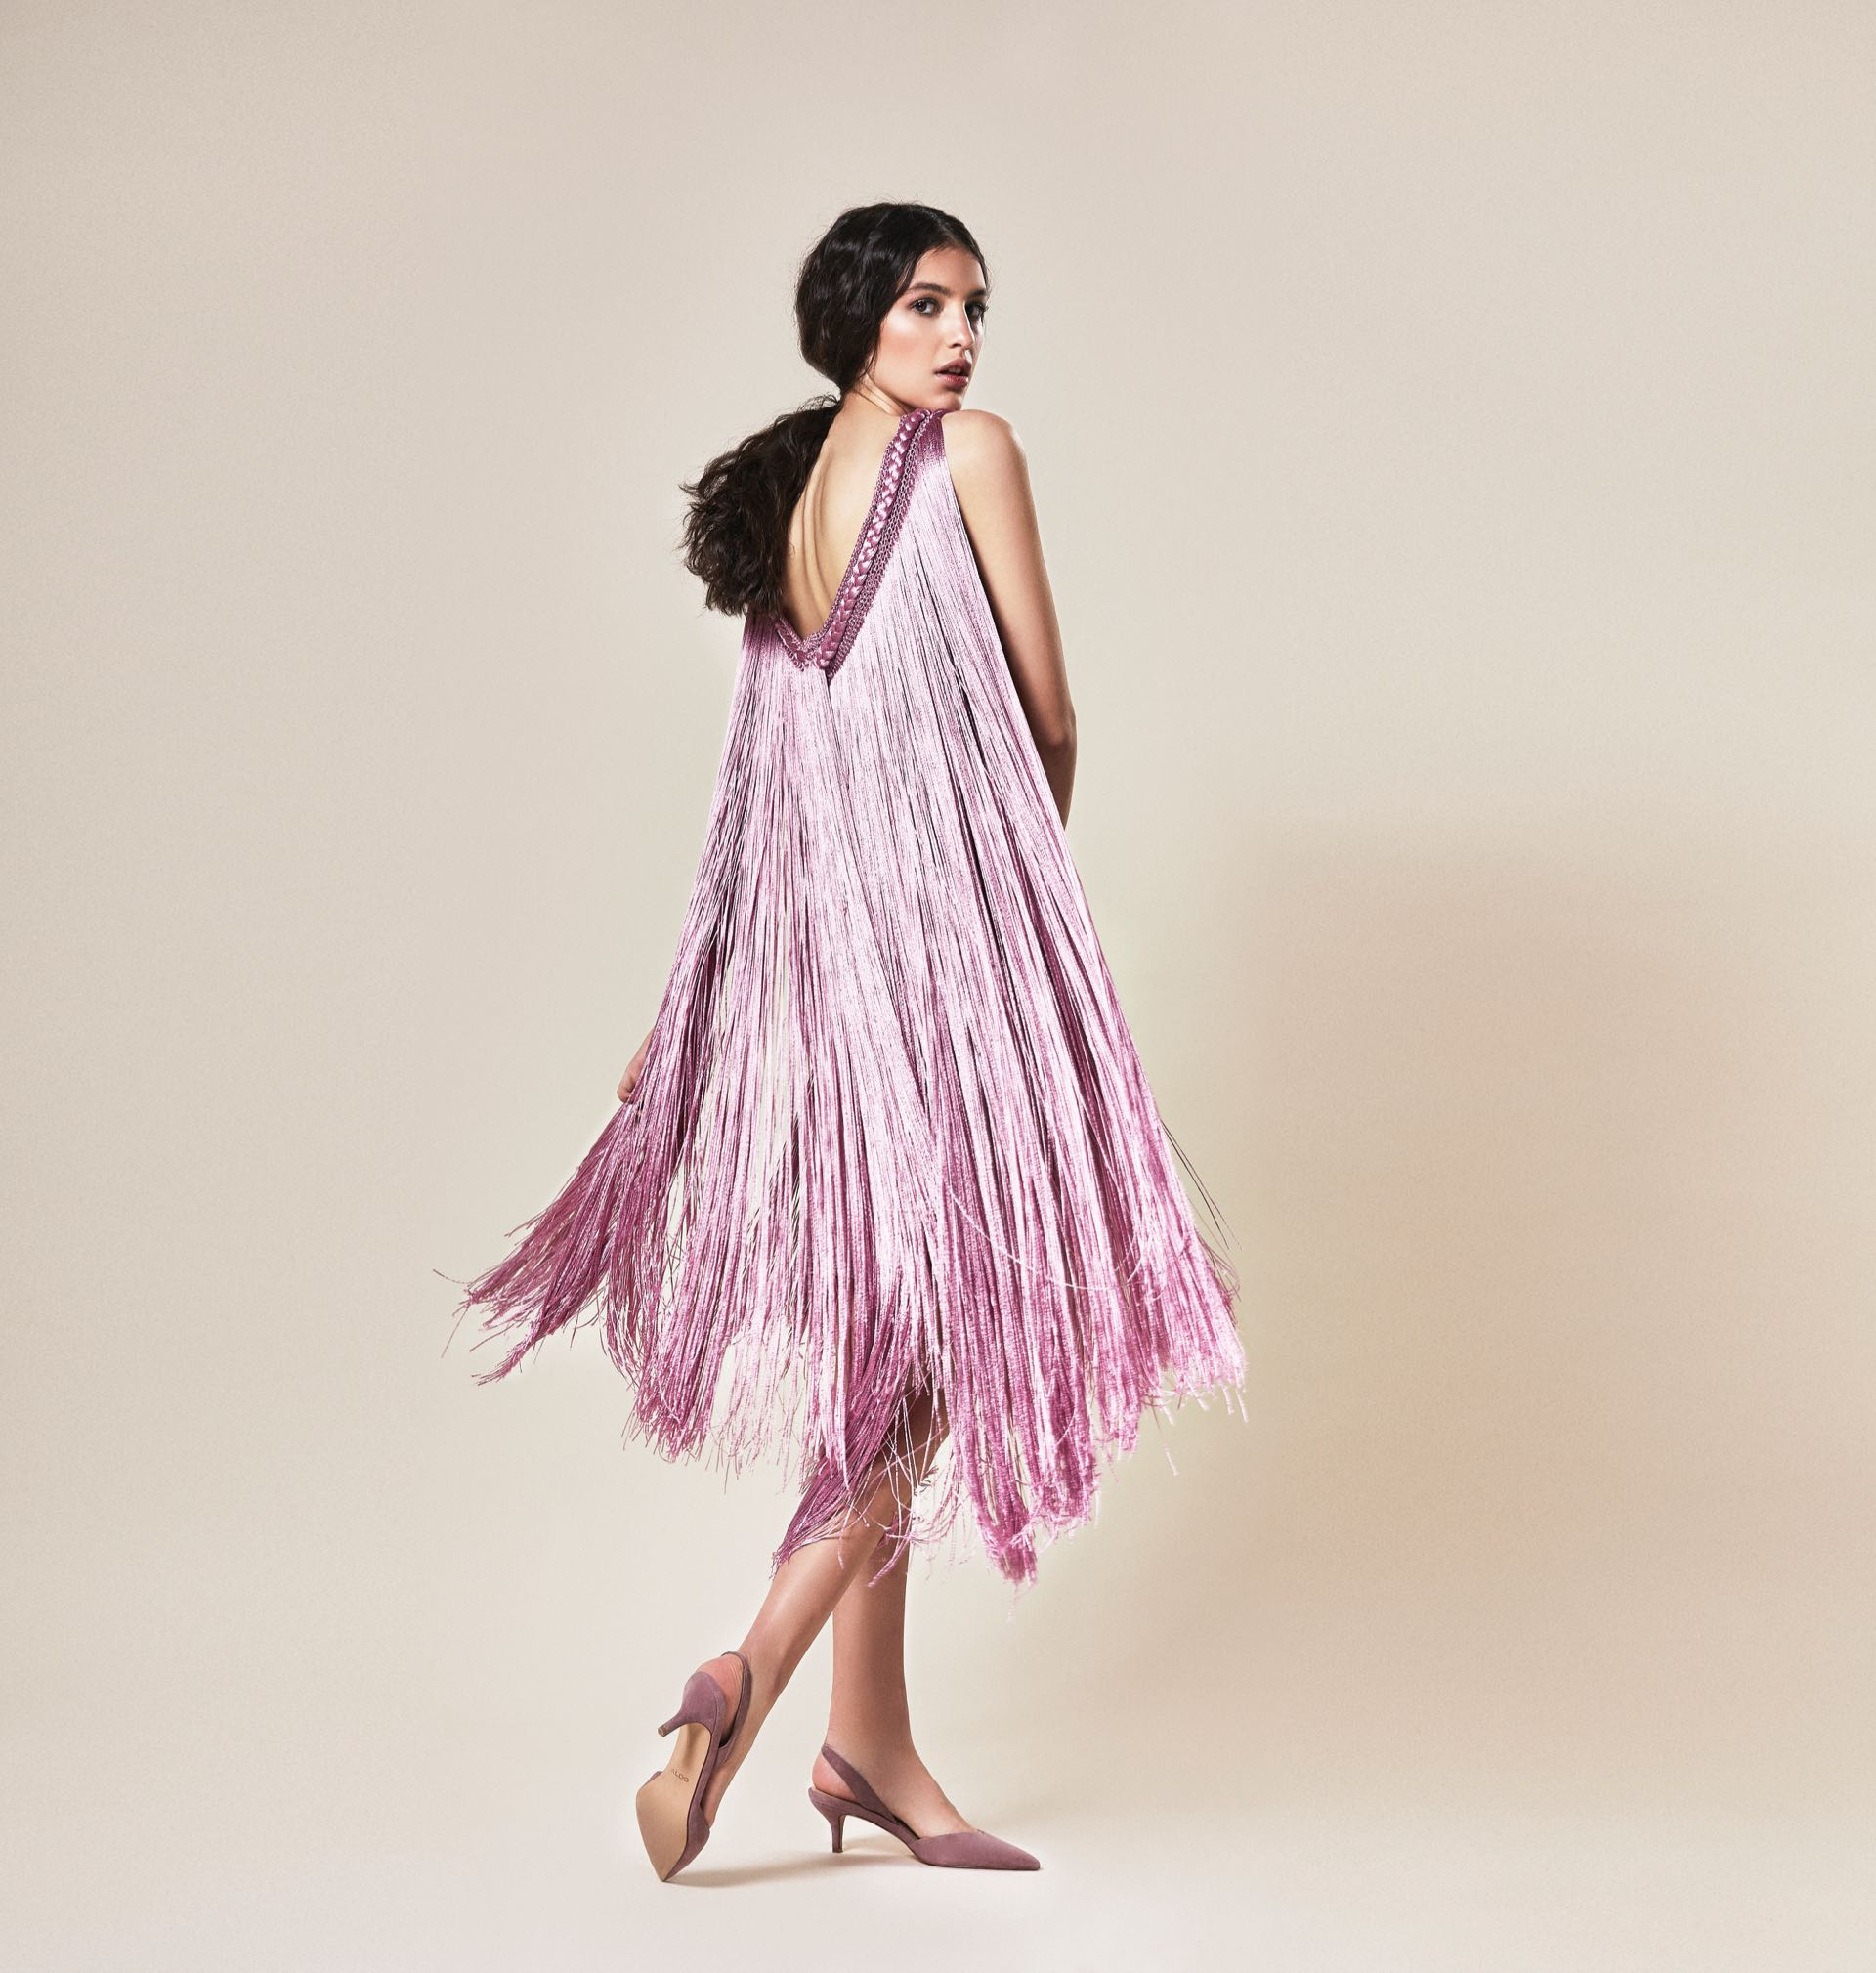 Vestido tejido en hilo de seda y cinturón de acrílico con strass (María Gorof) y stilettos con taco chupete ($ 2.900, Aldo para Grimoldi).